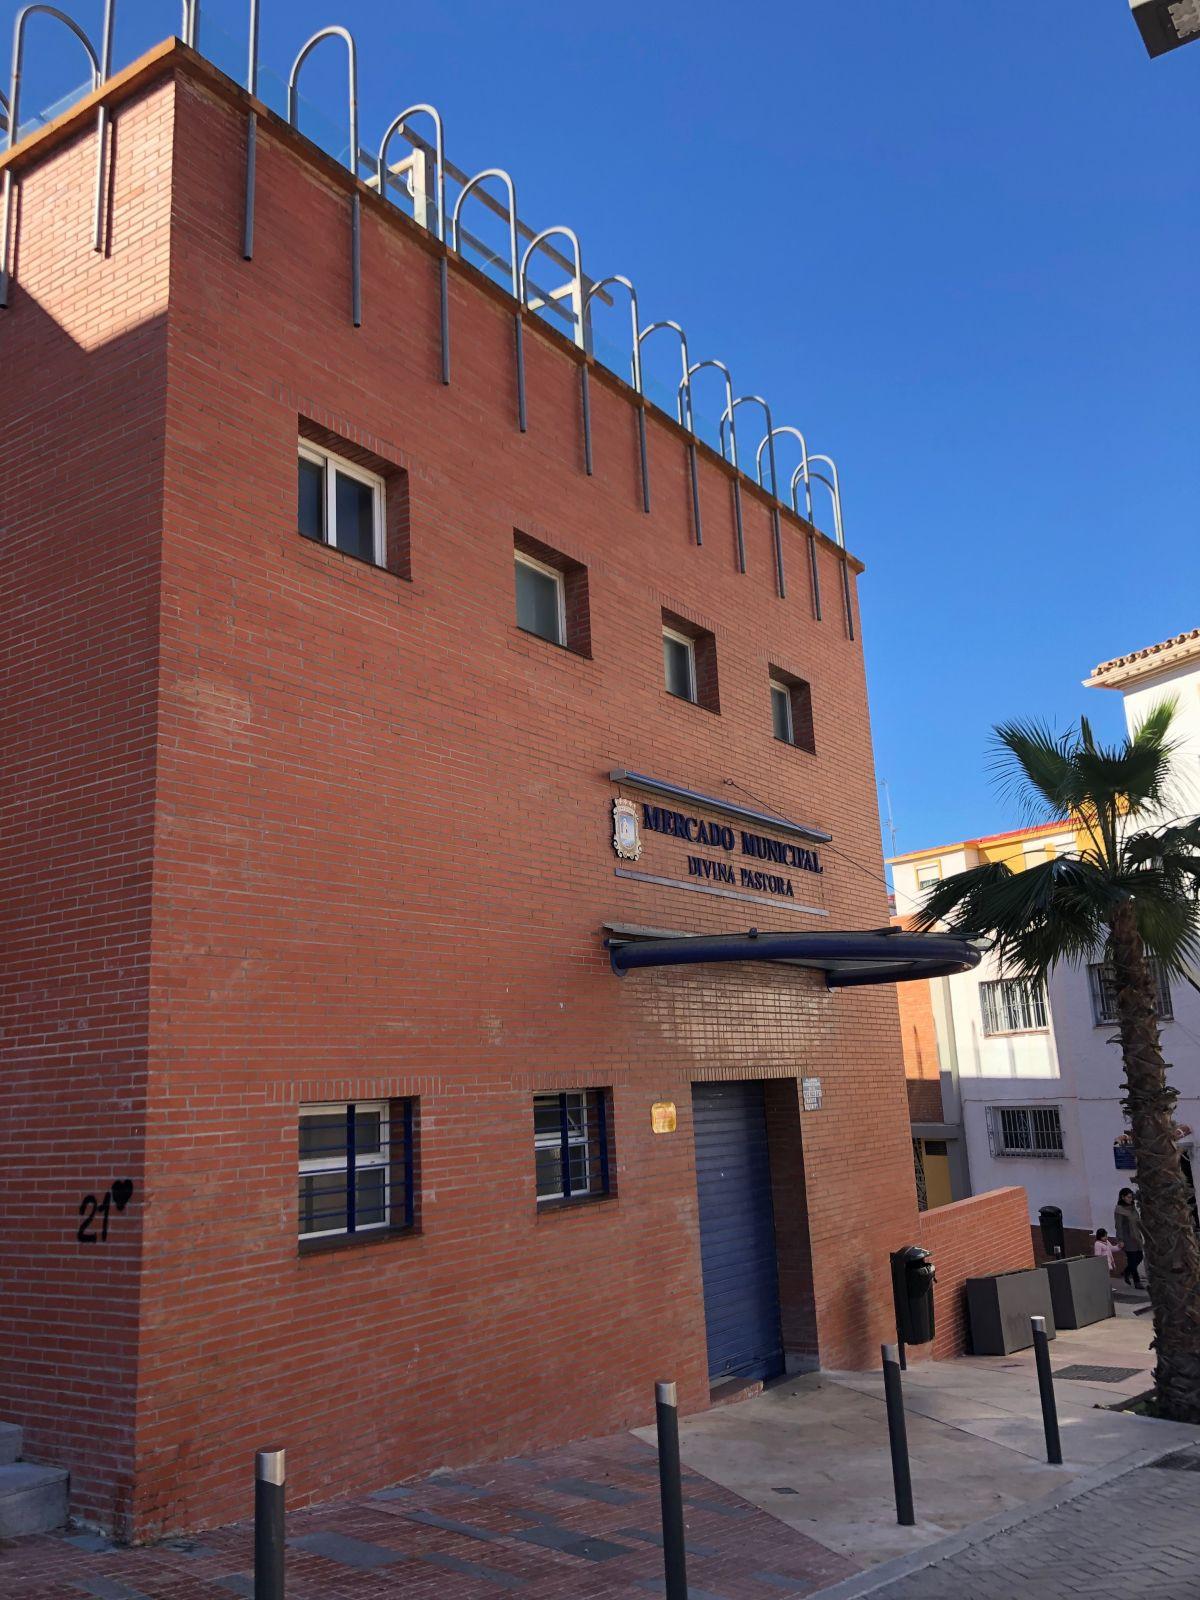 Commercial, Commercial Premises  for sale    en Marbella